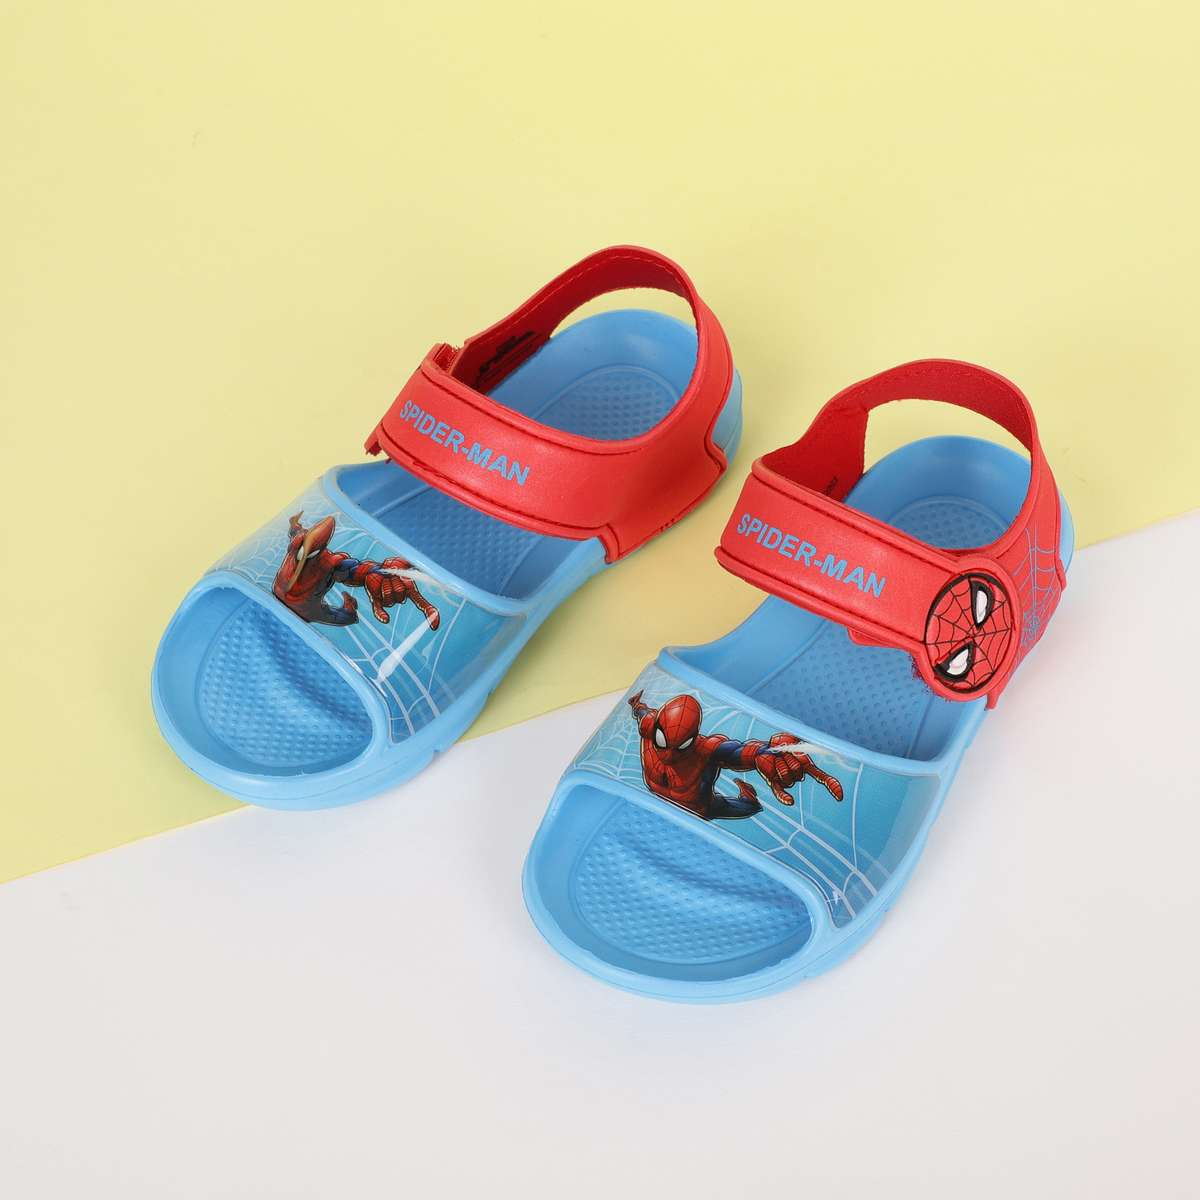 2.FAME FOREVER Boys Spiderman Print Velcro Strap Sandals